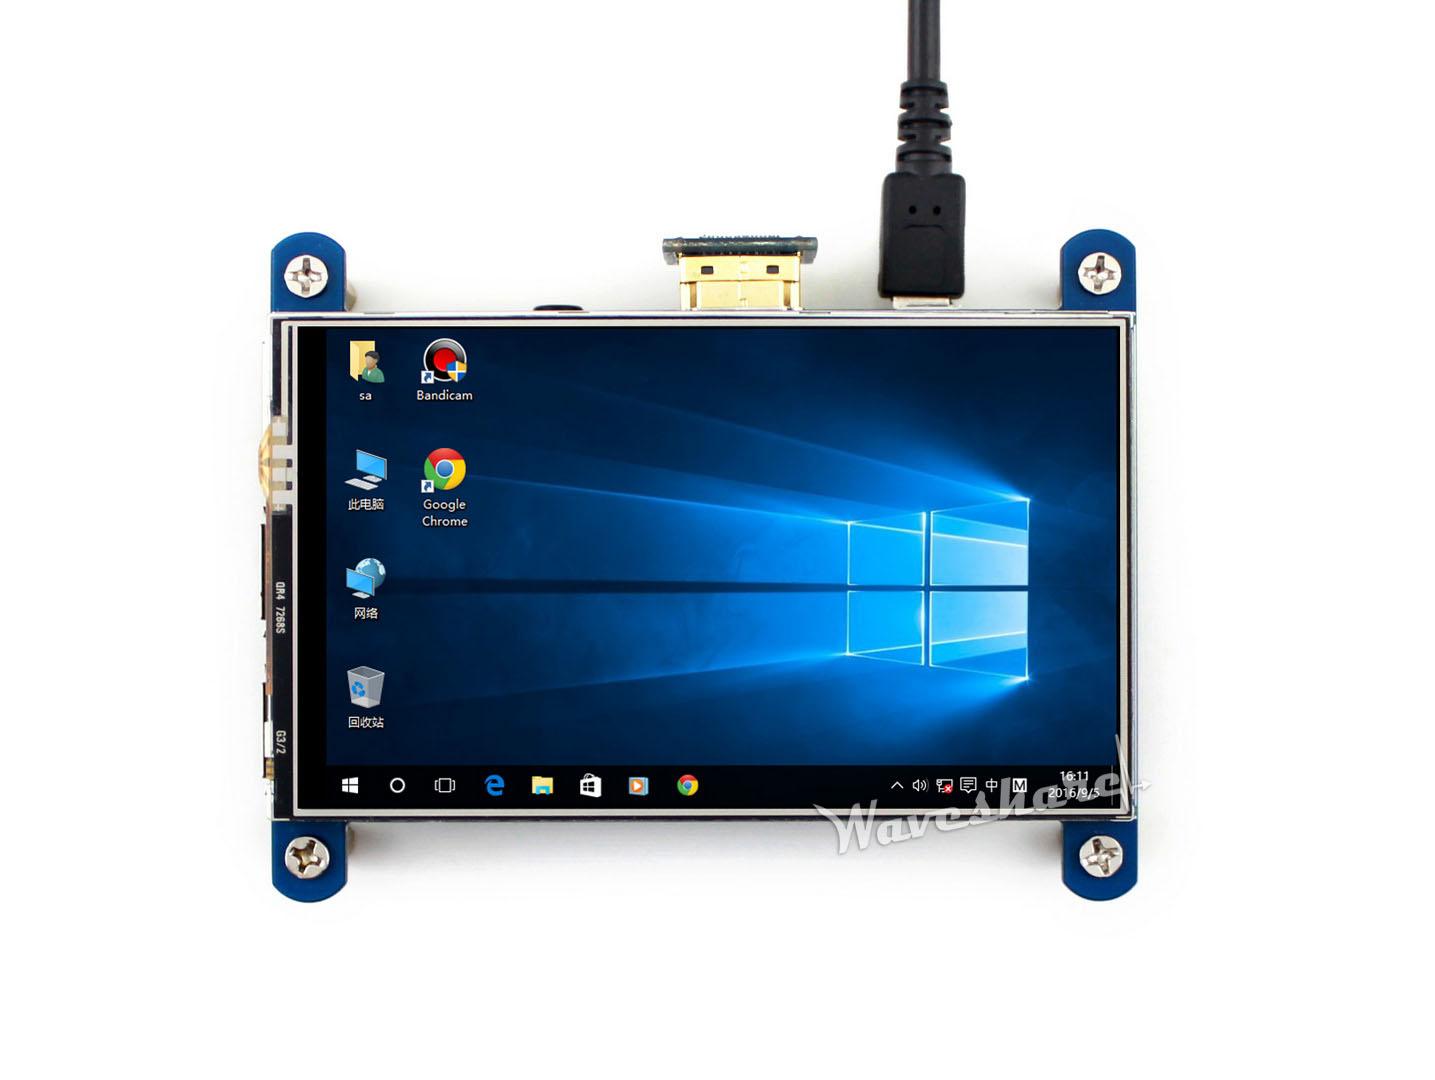 Prix pour Waveshare Date Chaude 4 pouces HDMI LCD 800x480 IPS Écran Tactile Résistif pour toute révision de Framboise Pi 3 modèle B/2B/B +/B/Zéro